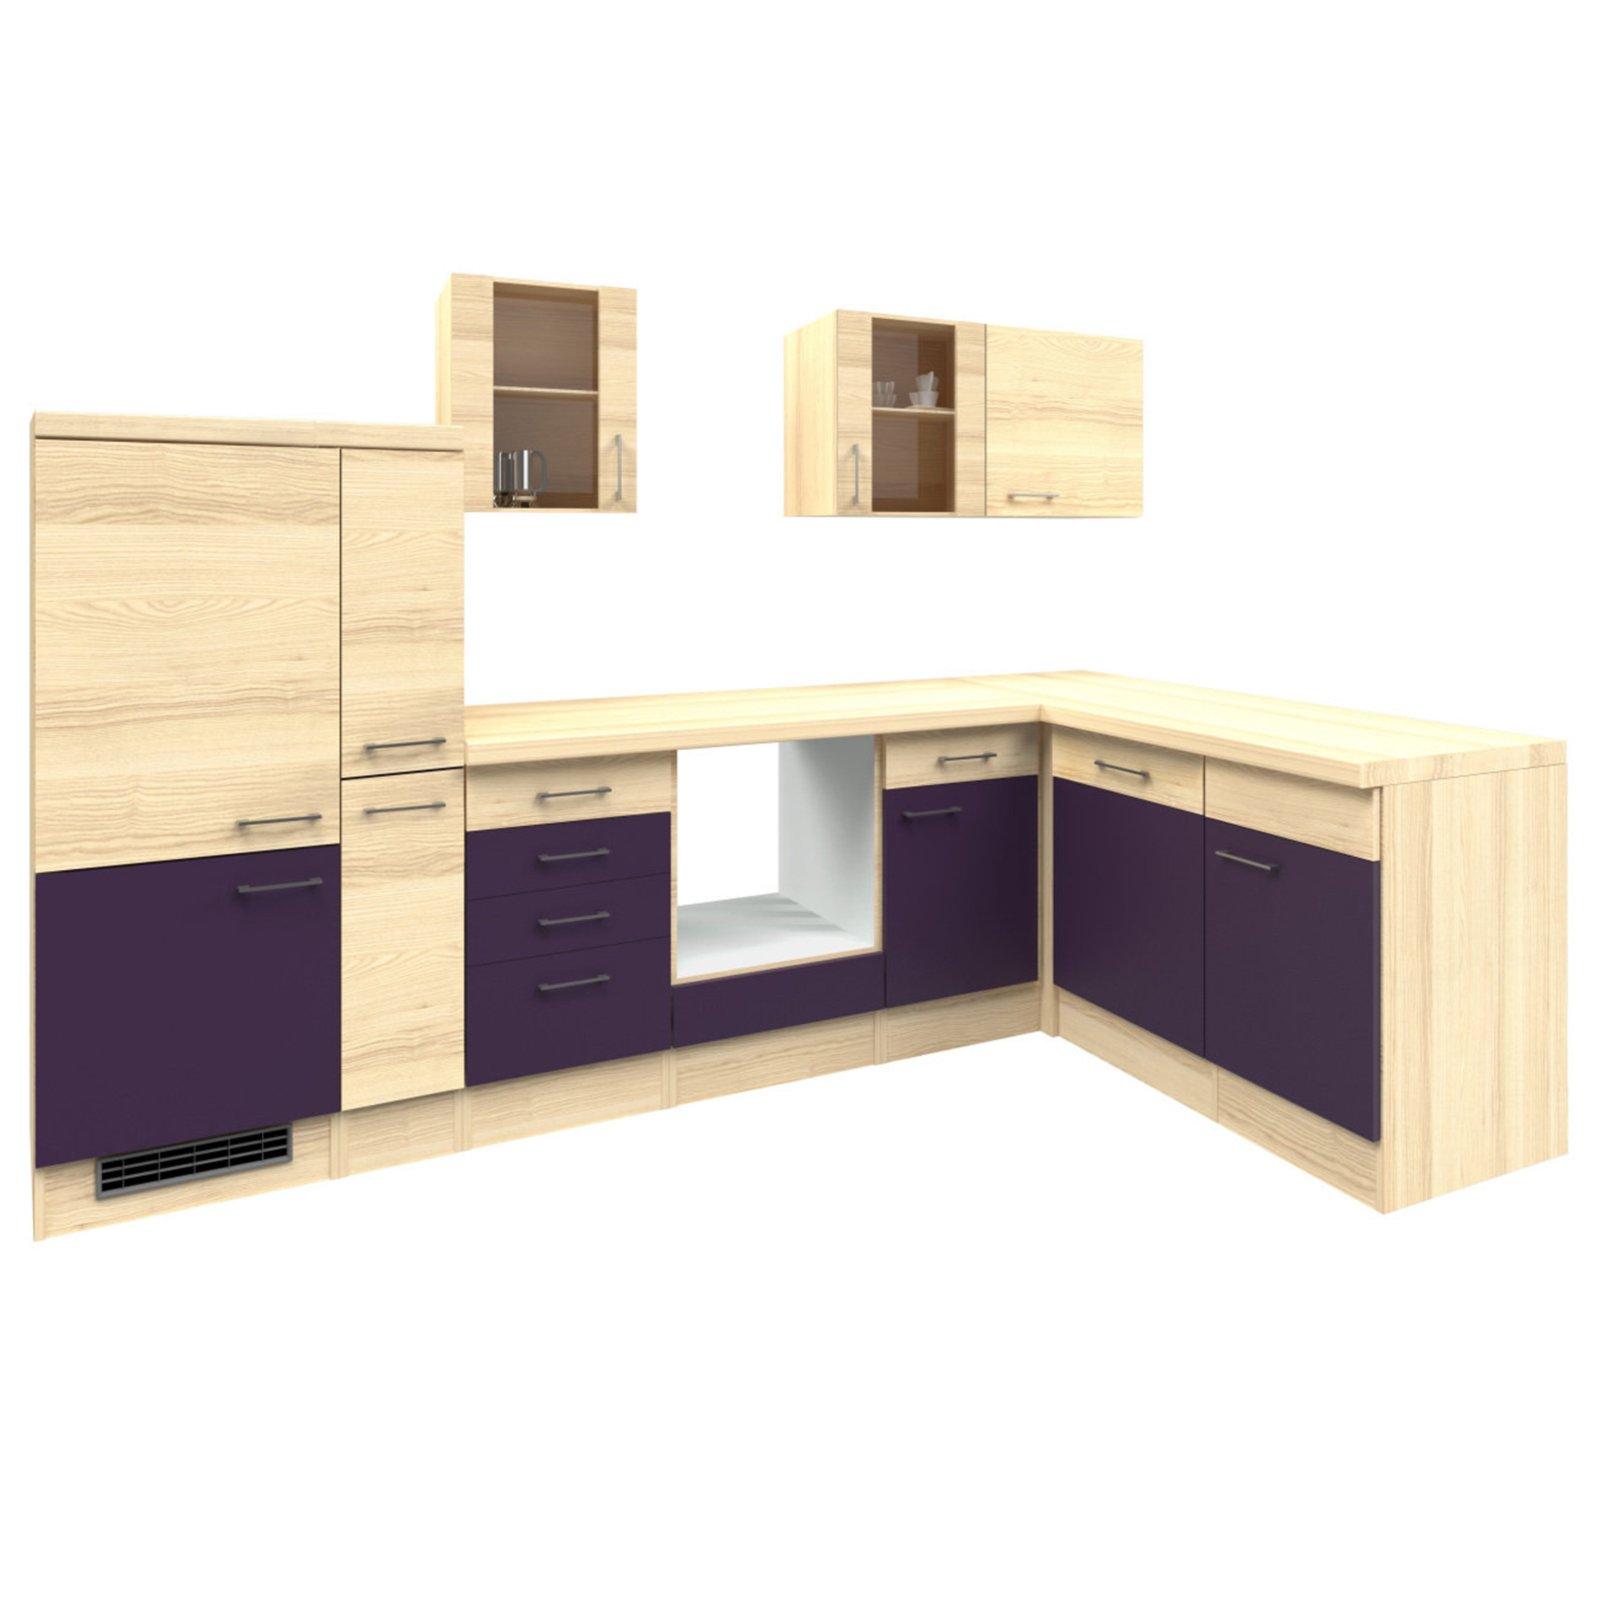 Winkelküche FOCUS - Akazie-Aubergine - 310x170 cm